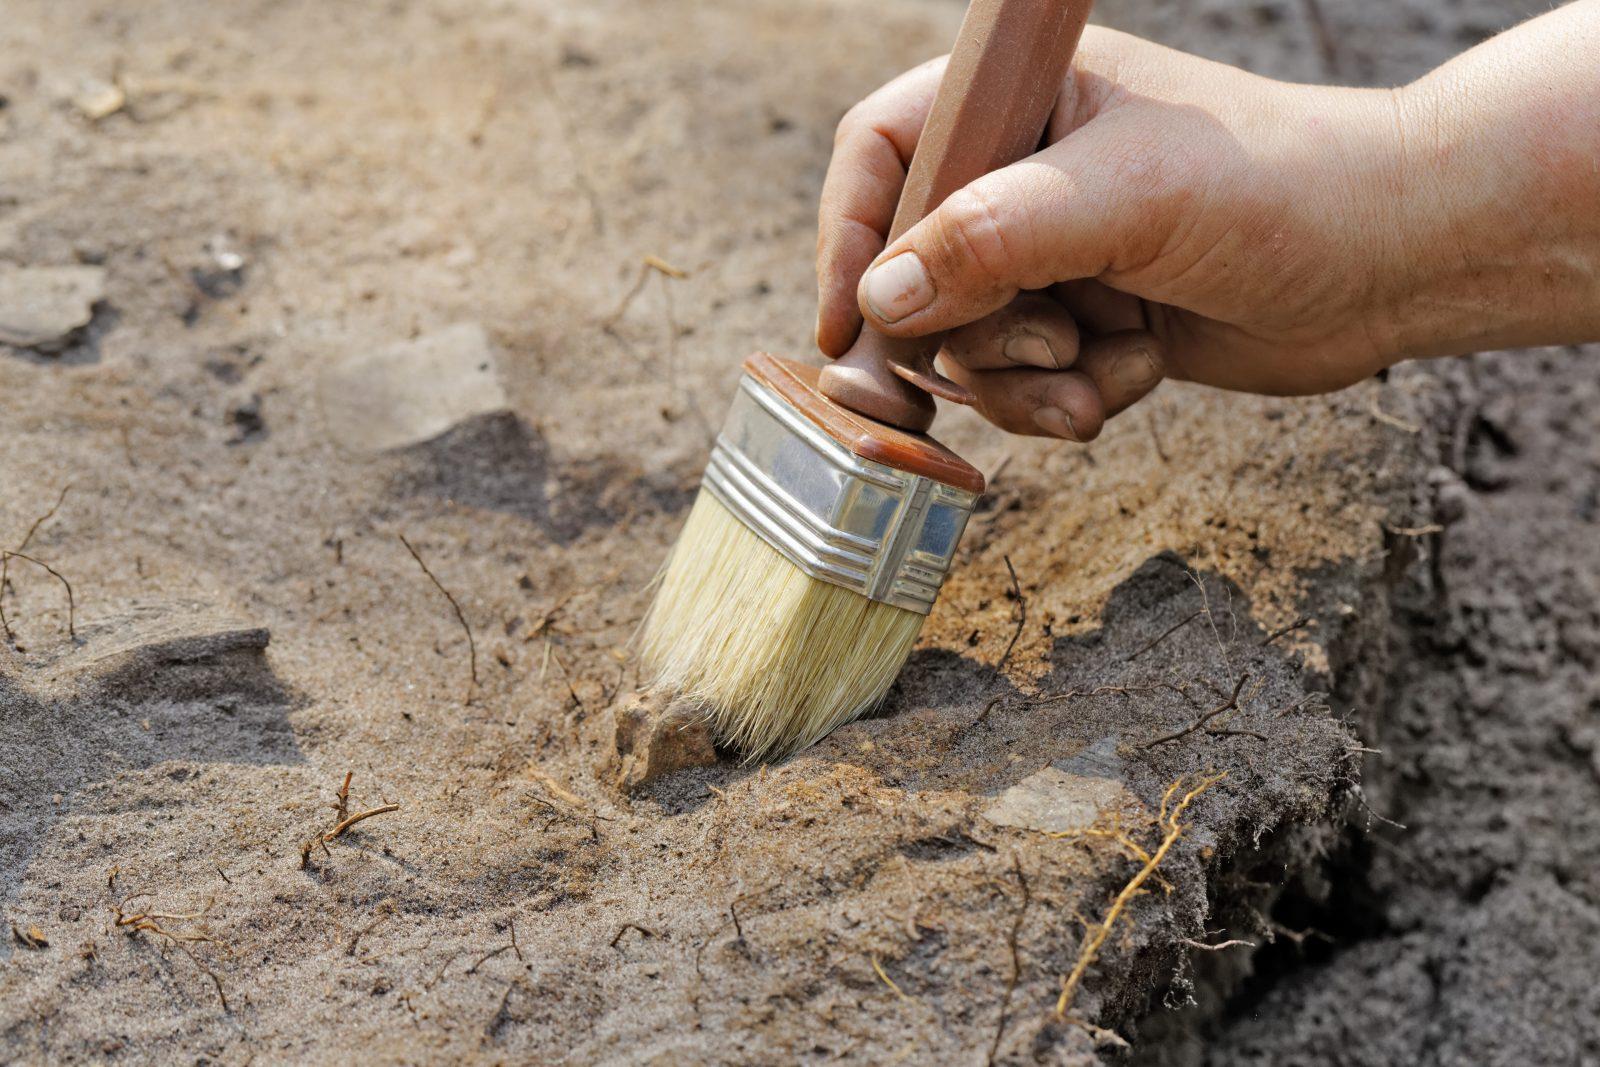 Des fouilles archéologiques menées sur le stationnement de la place d'Armes